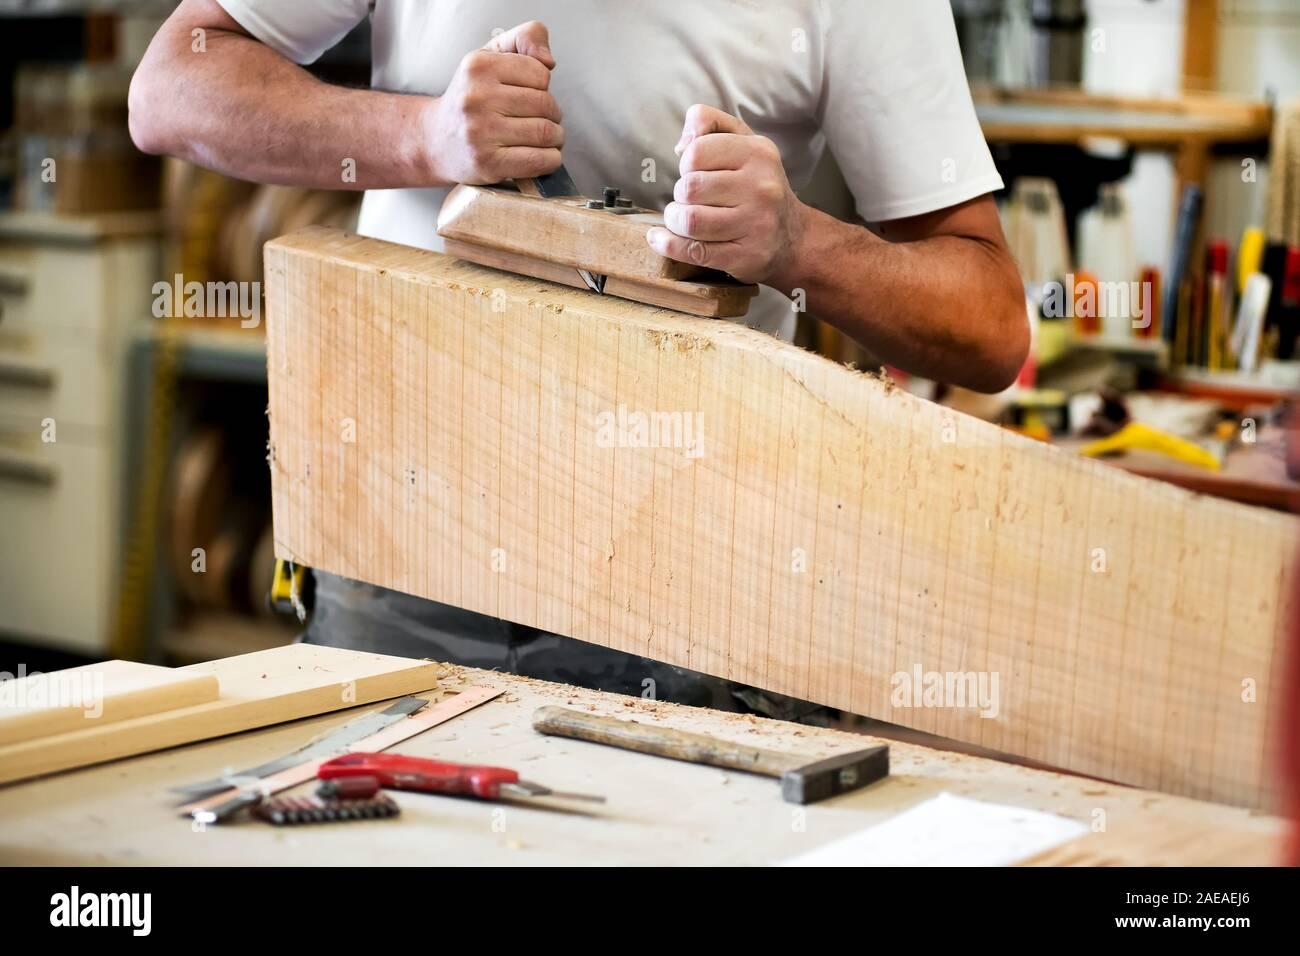 Menuisier travaillant avec une raboteuse sur un bloc de bois le lissage de la surface dans un gros plan de ses mains et des outils sur l'établi Banque D'Images